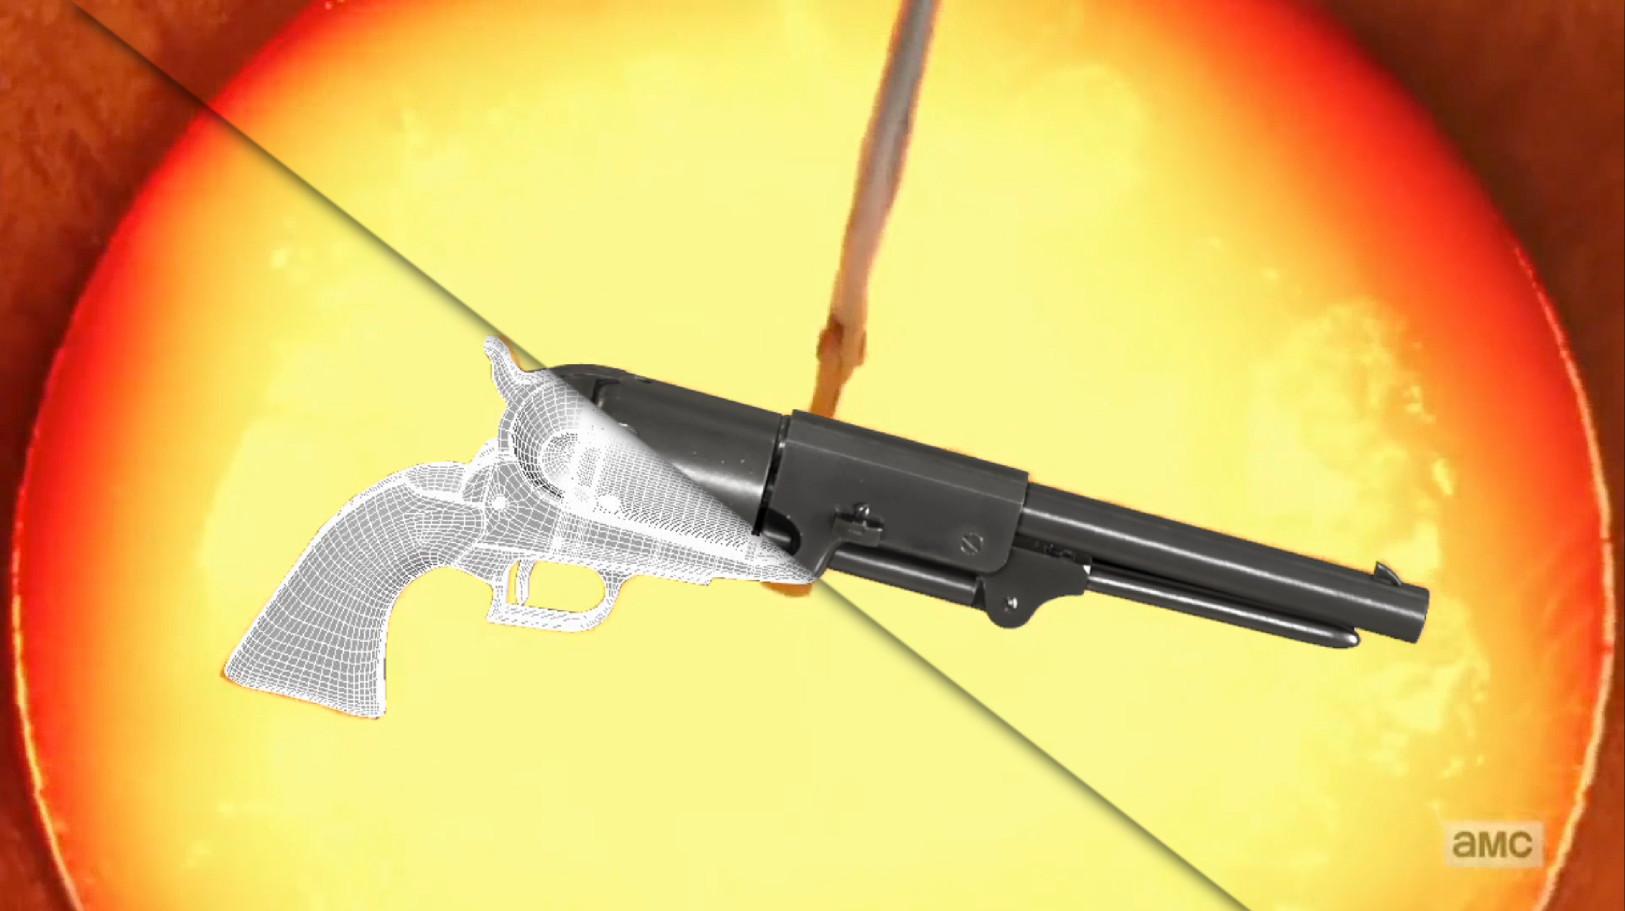 Colt revolver pistols, created for use in the molten metal scene.